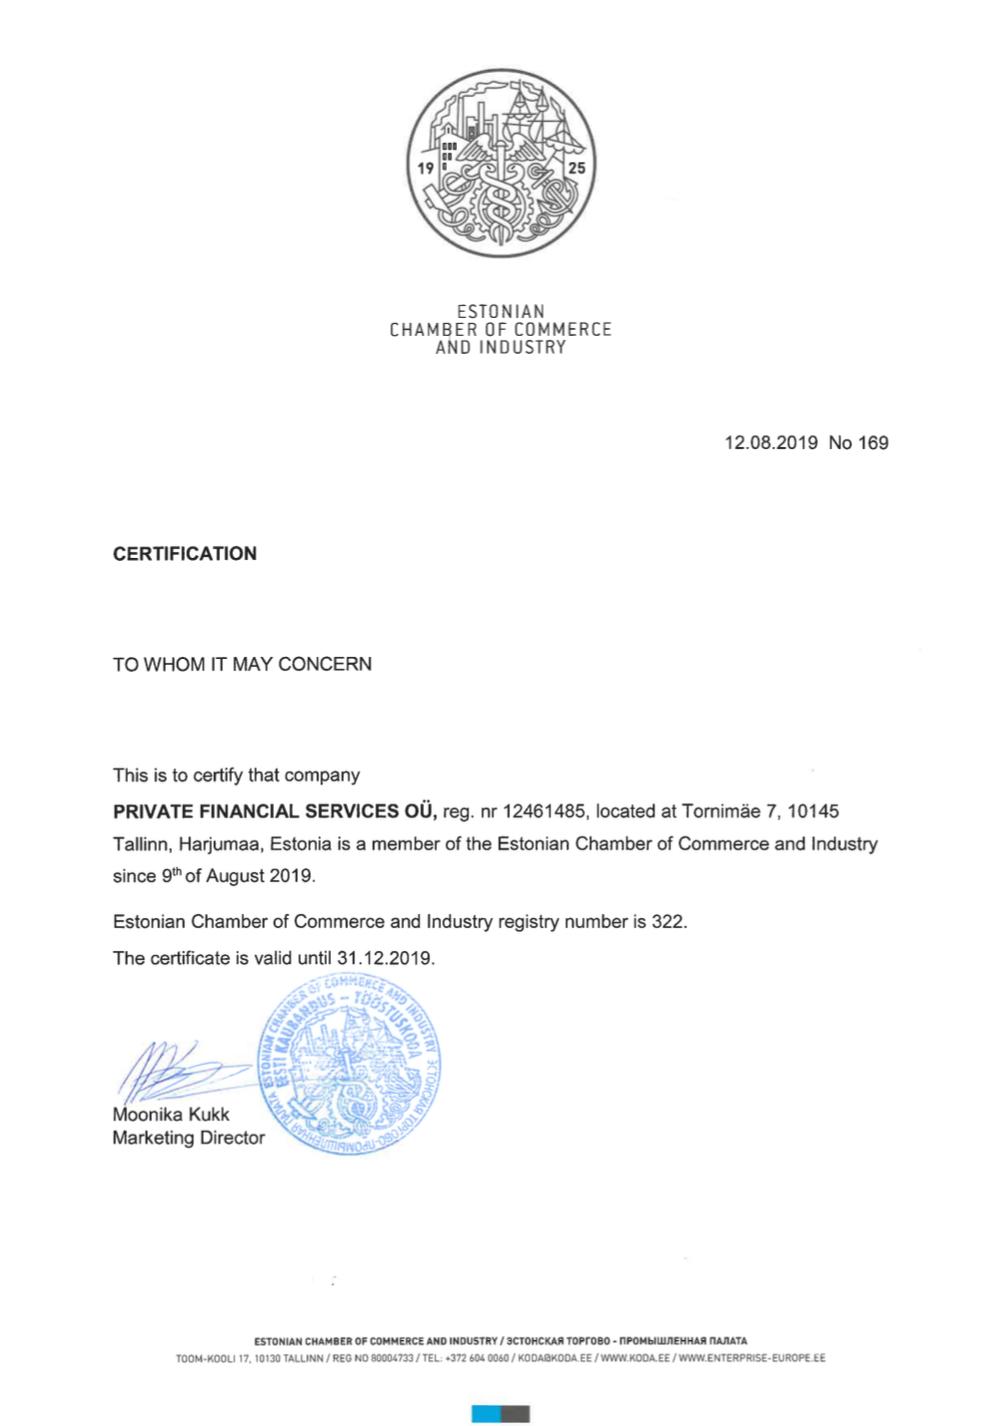 Private Financial Services - Член Торгово-промышленной палаты Эстонии